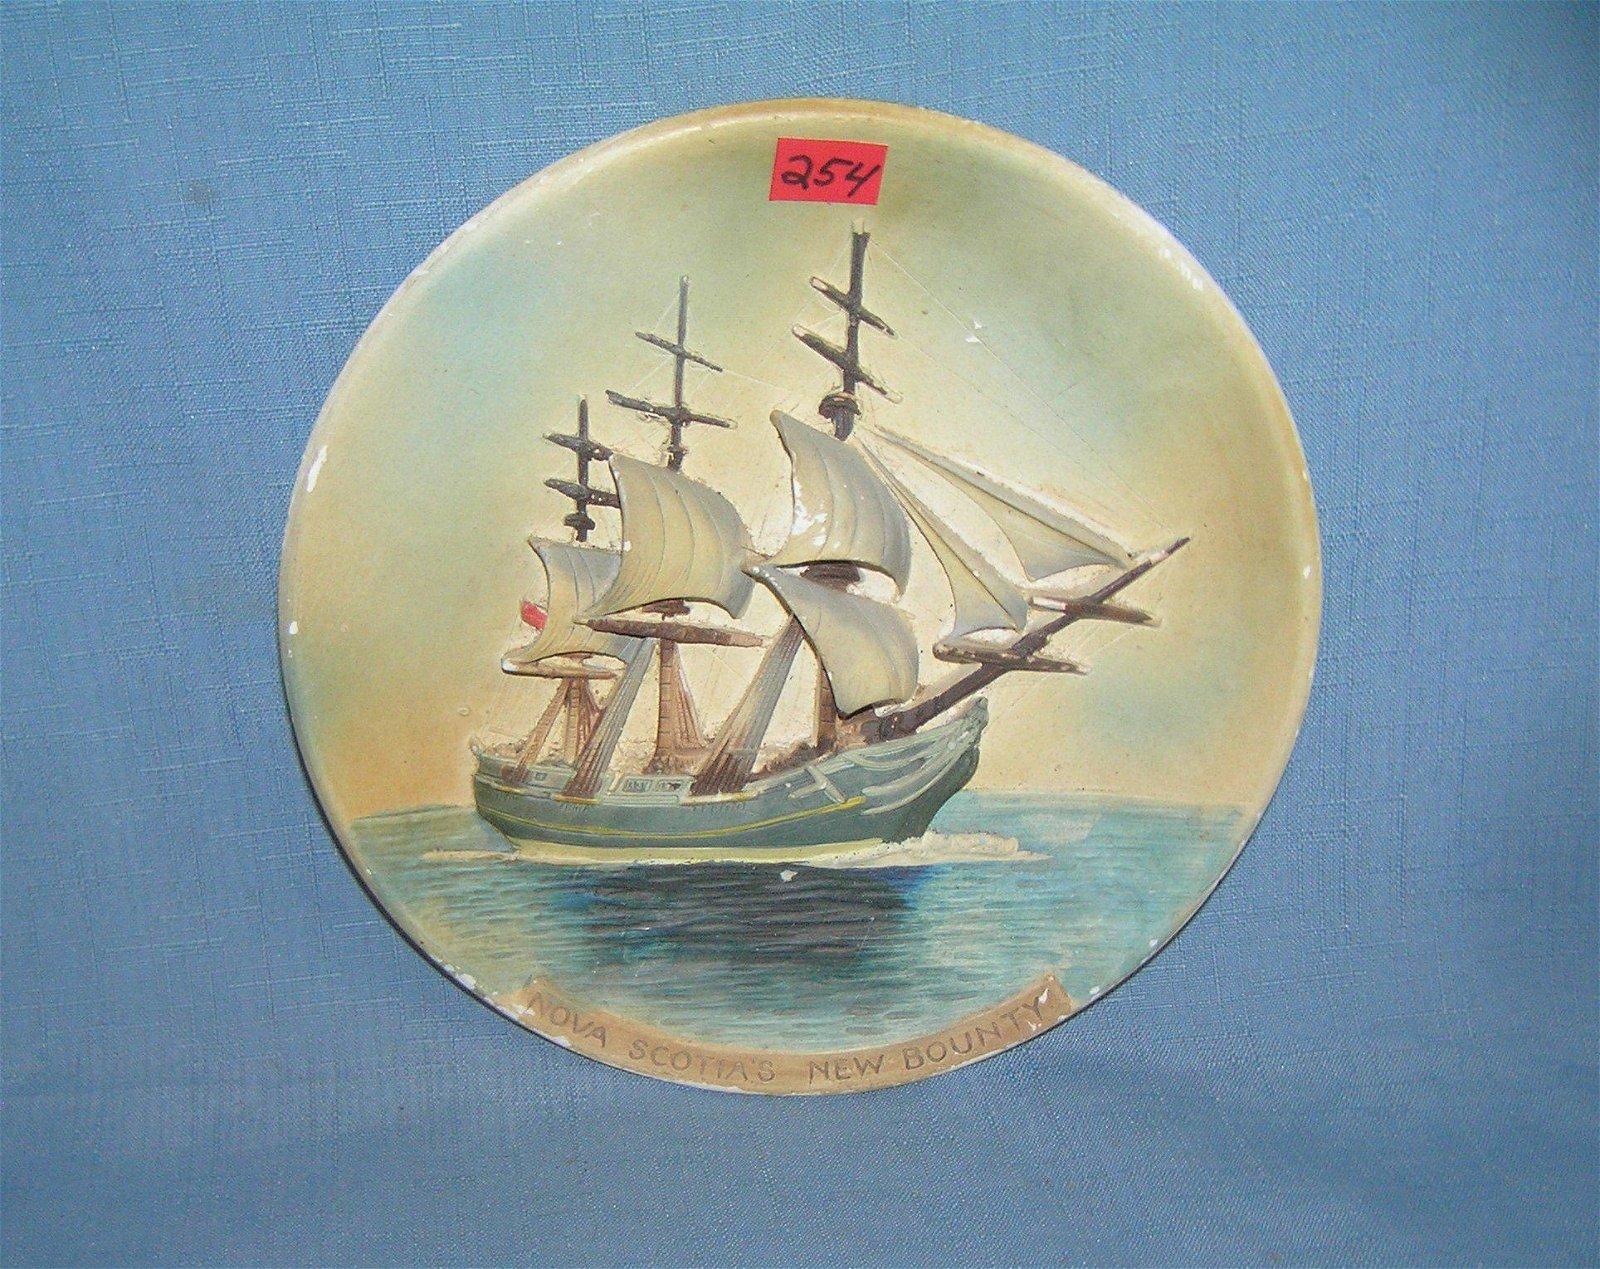 Nova Scotia's New Bounty figural ship wall plaque